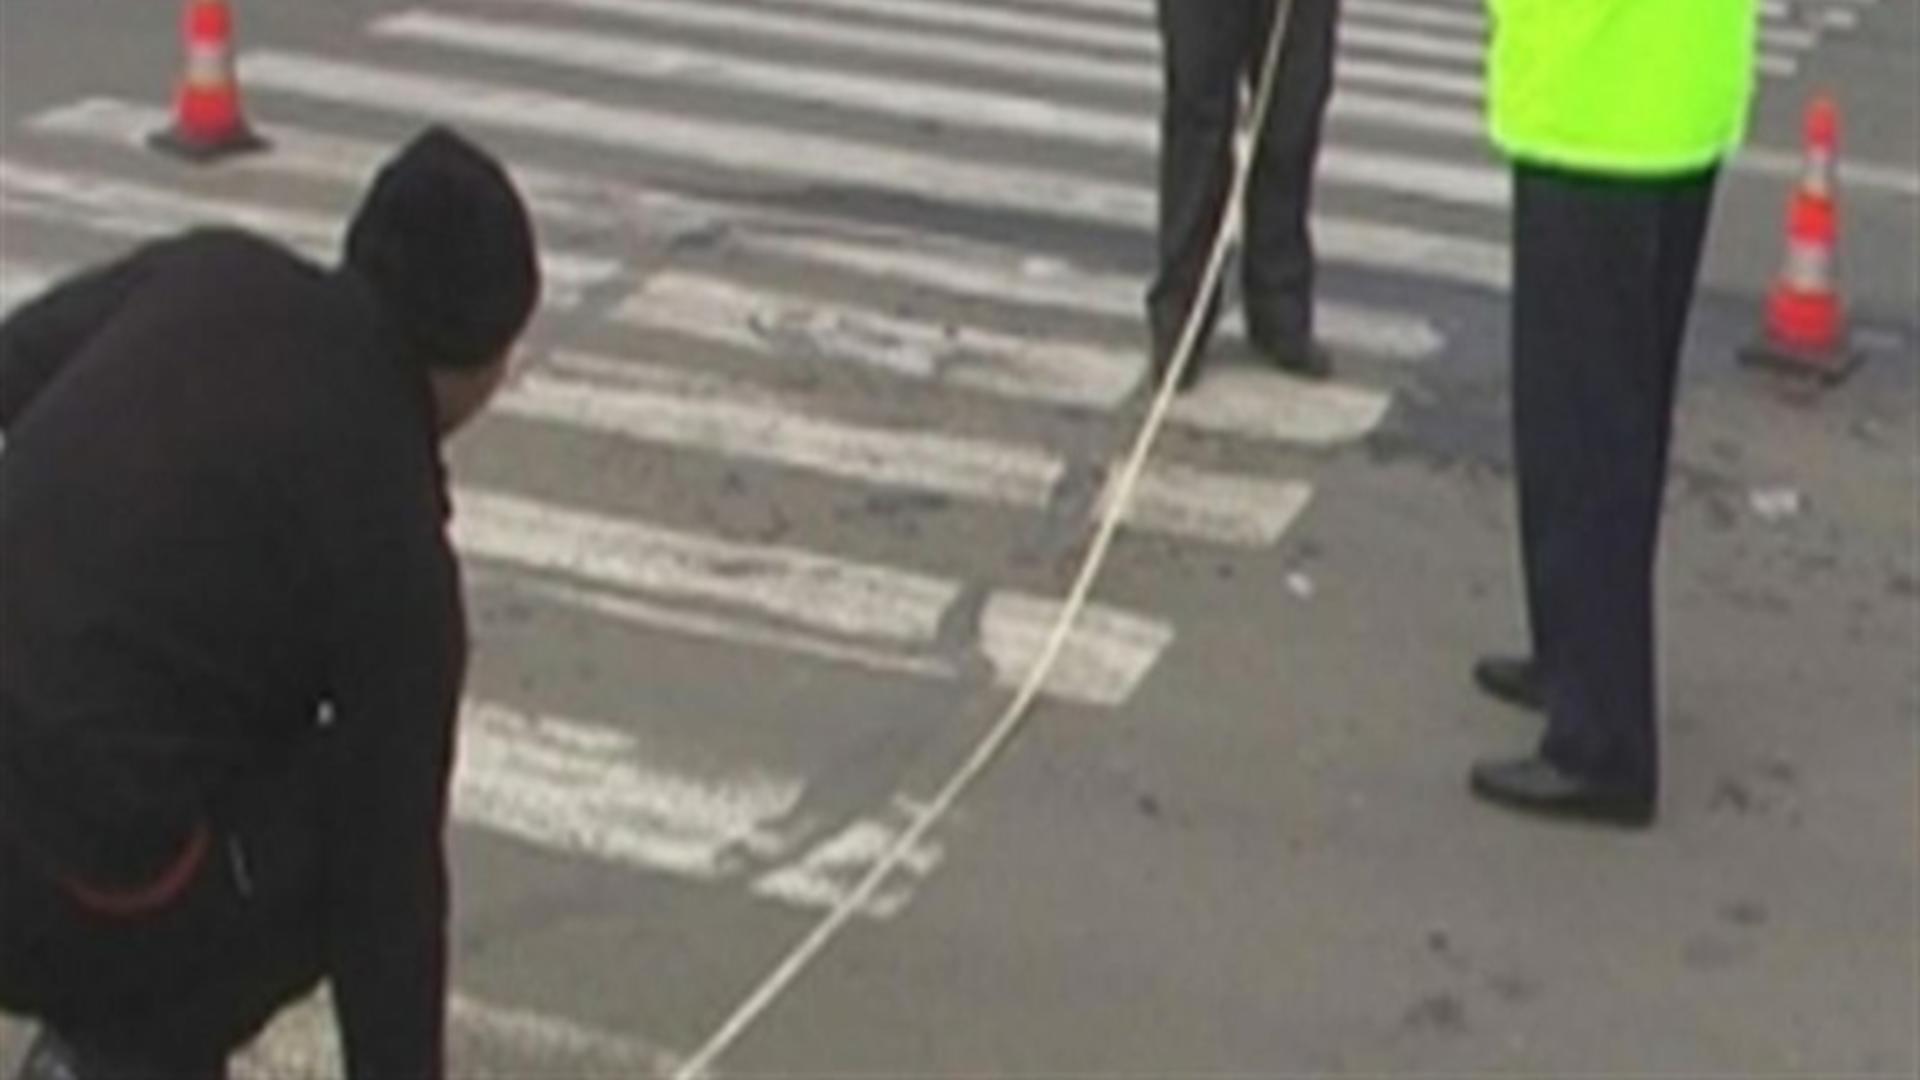 Măsurători trecere de pietoni accident rutier